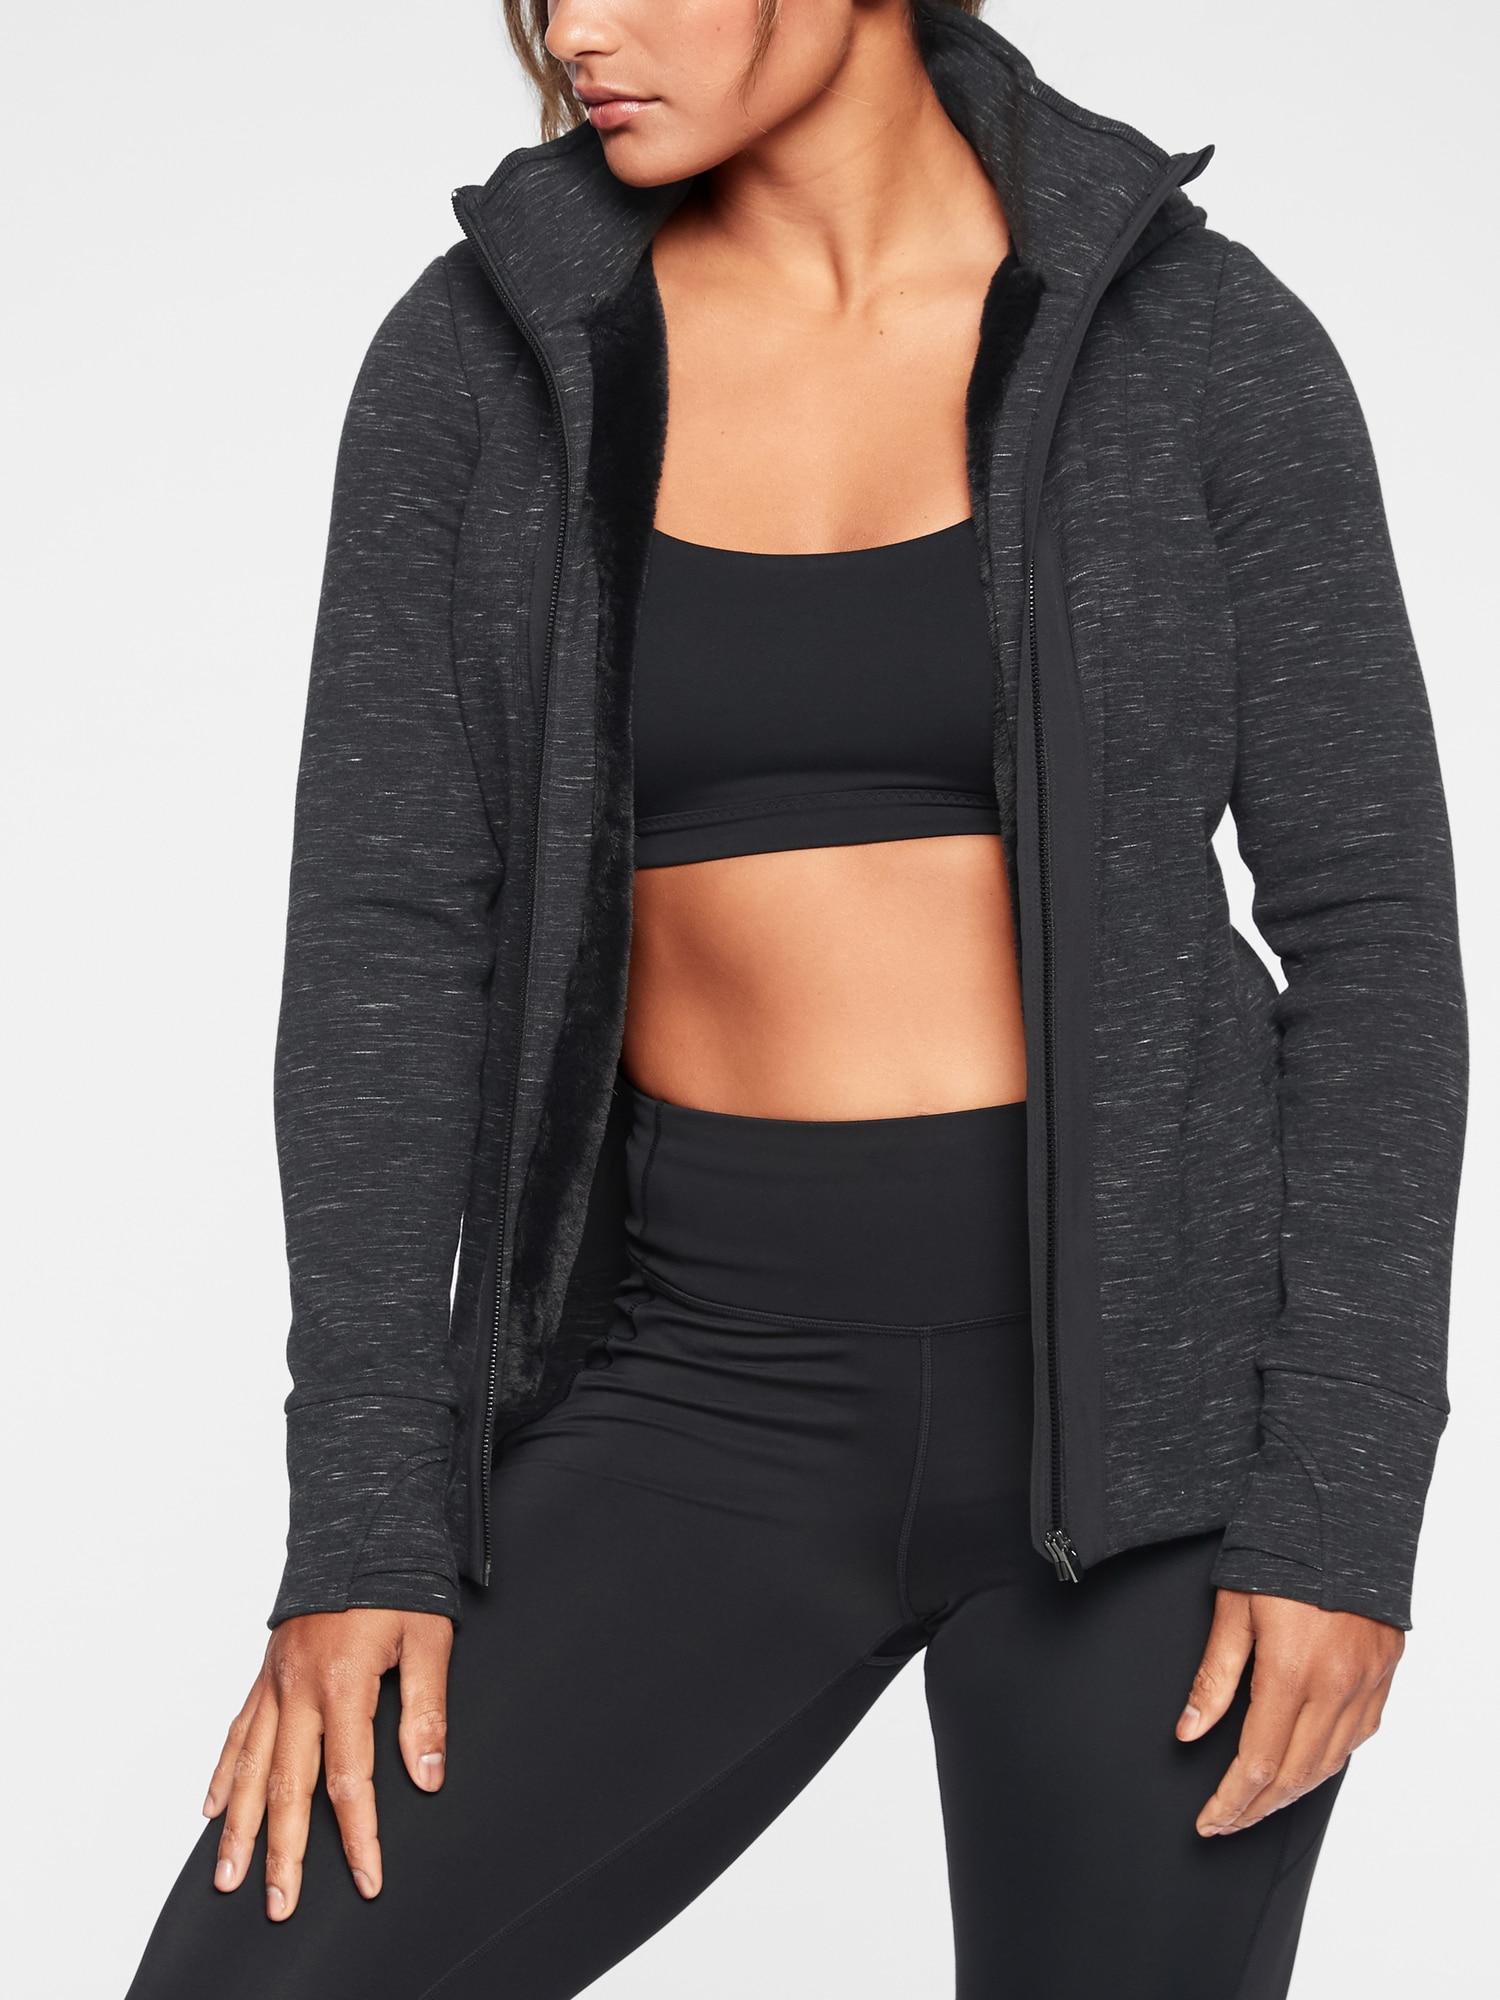 9ff15d63dcdea Lyst - Athleta Luxe Victory Hoodie in Black